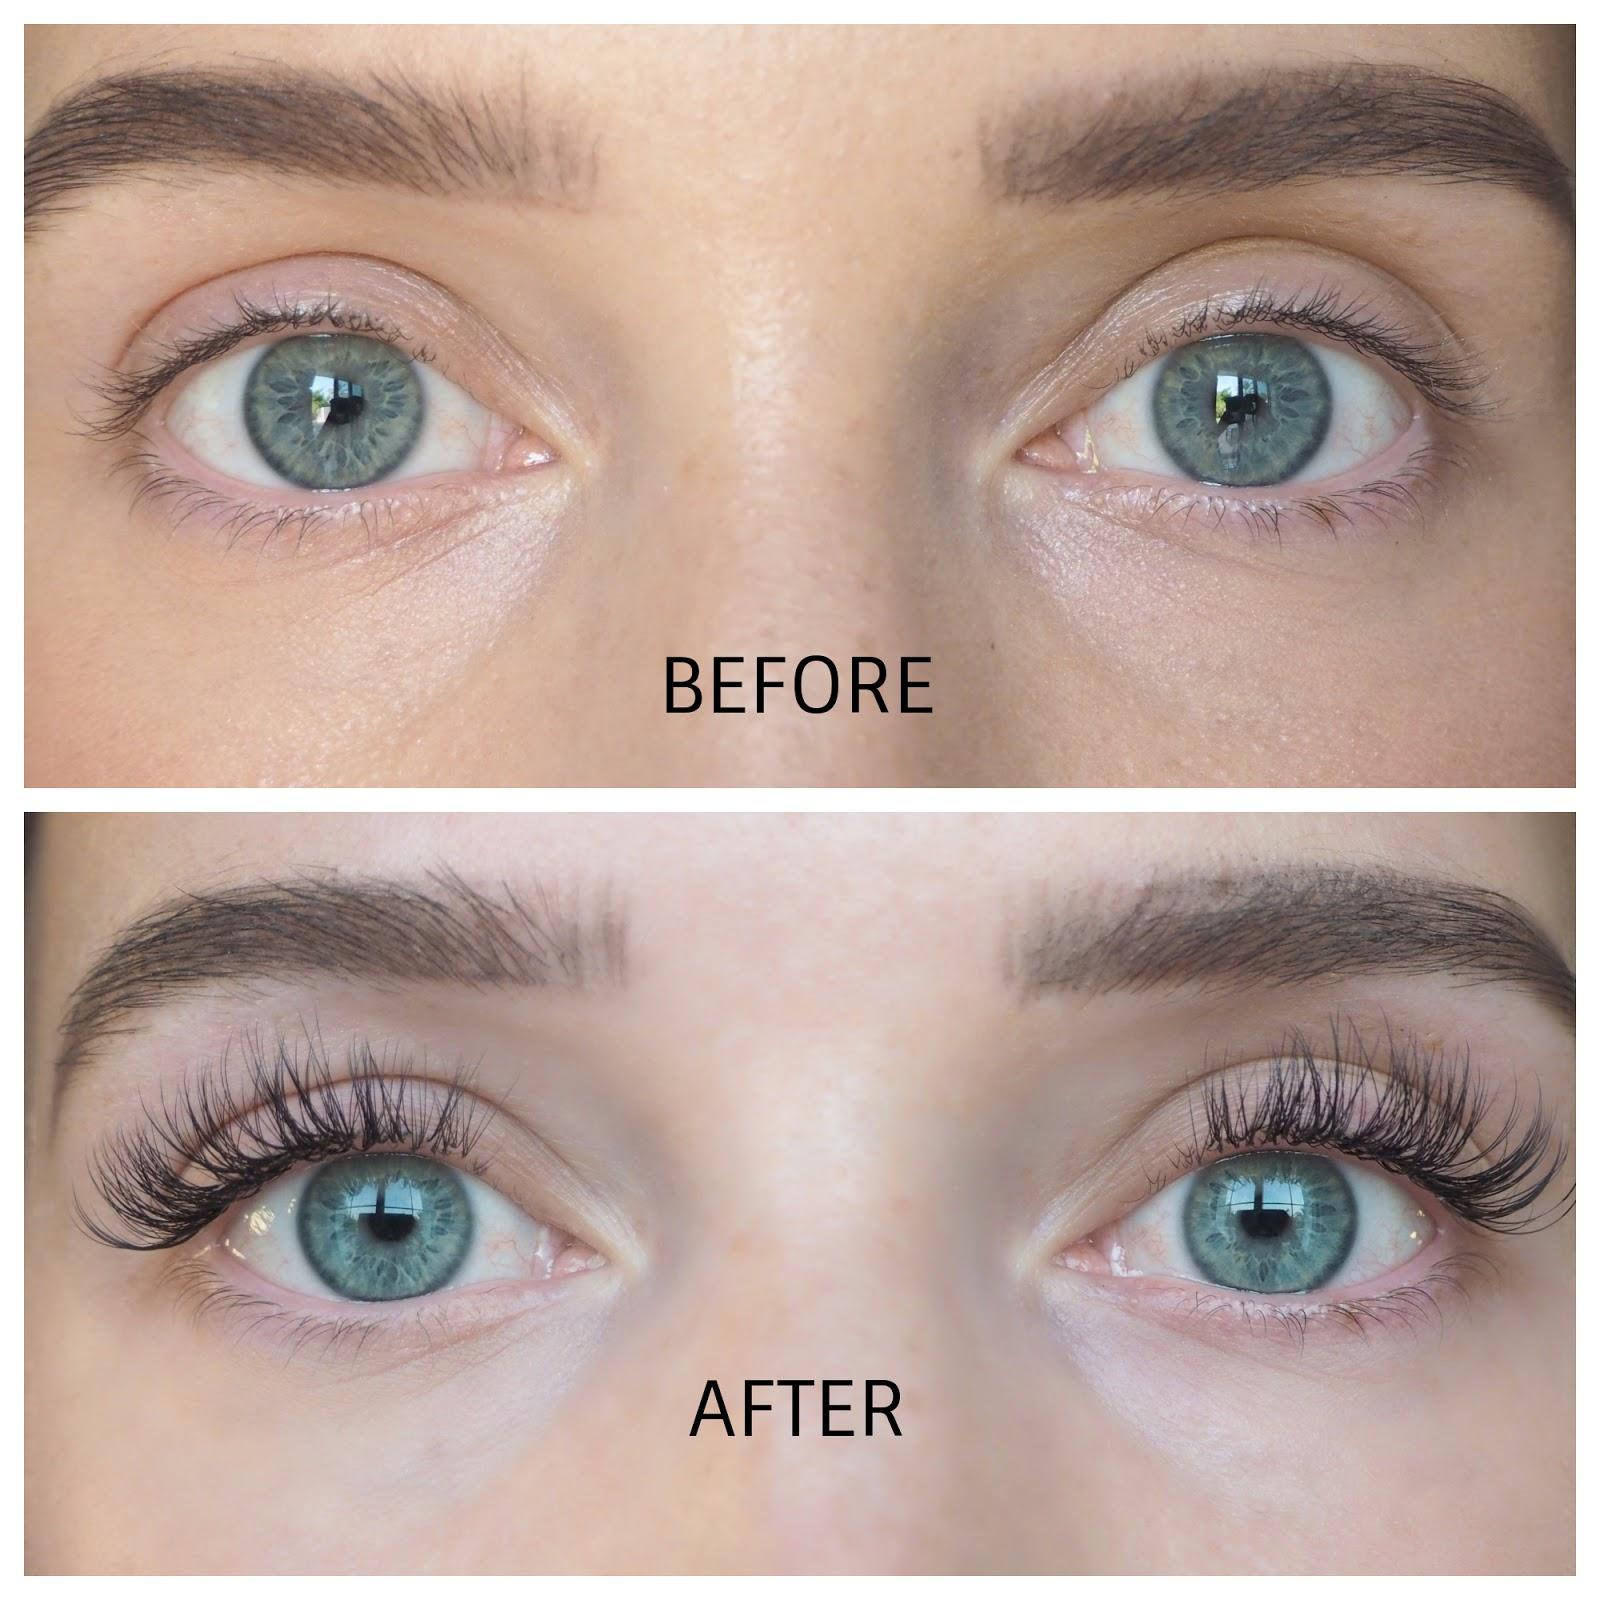 Nouveau Lashes SVS Lash Treatment Review - Before & After